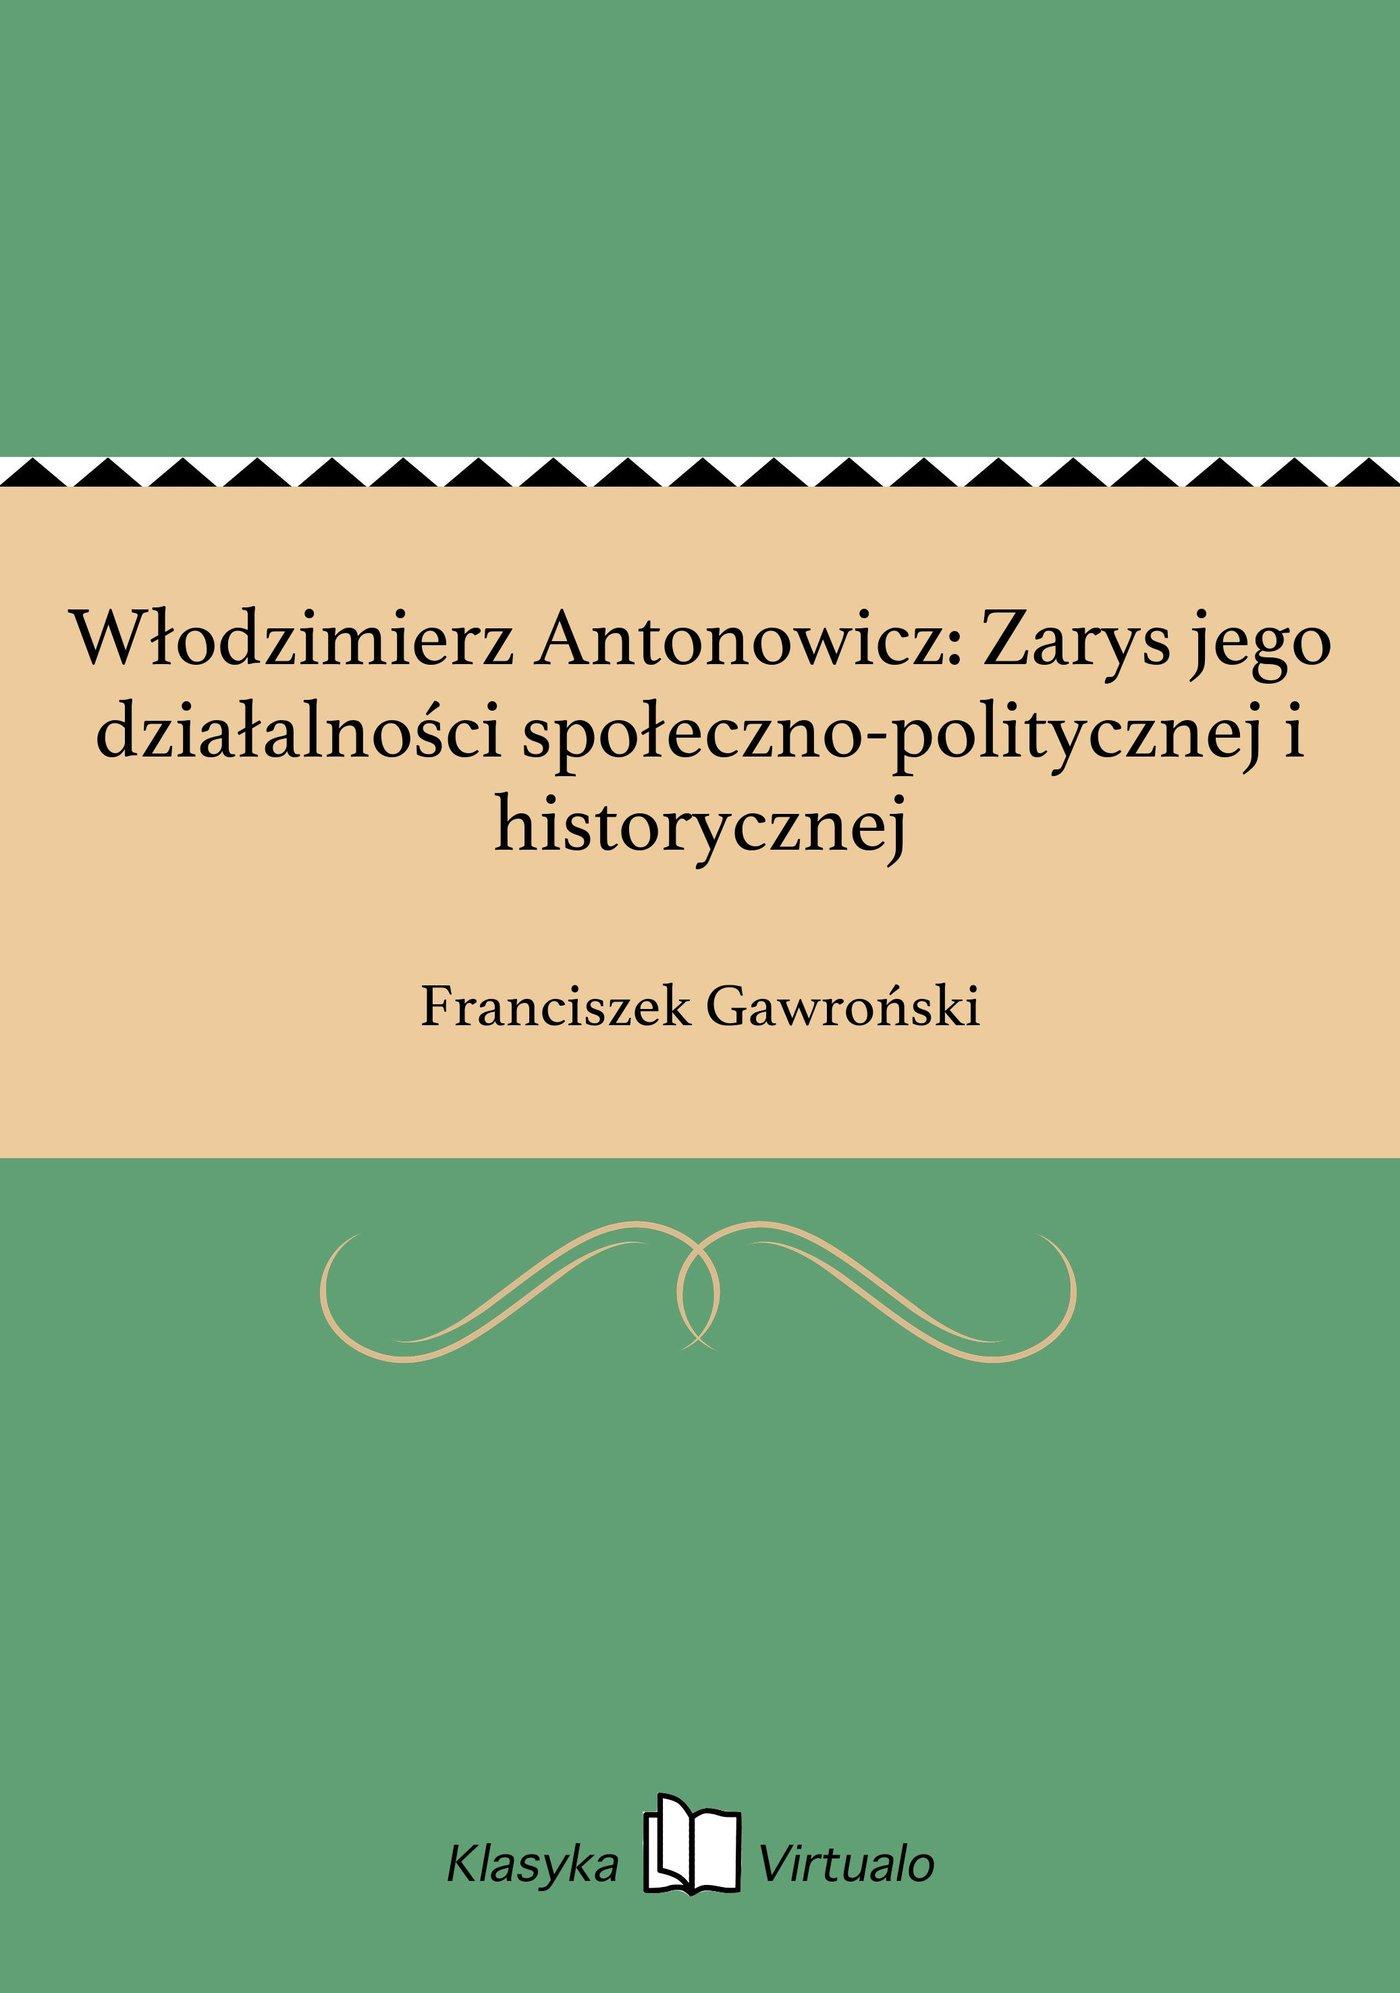 Włodzimierz Antonowicz: Zarys jego działalności społeczno-politycznej i historycznej - Ebook (Książka EPUB) do pobrania w formacie EPUB